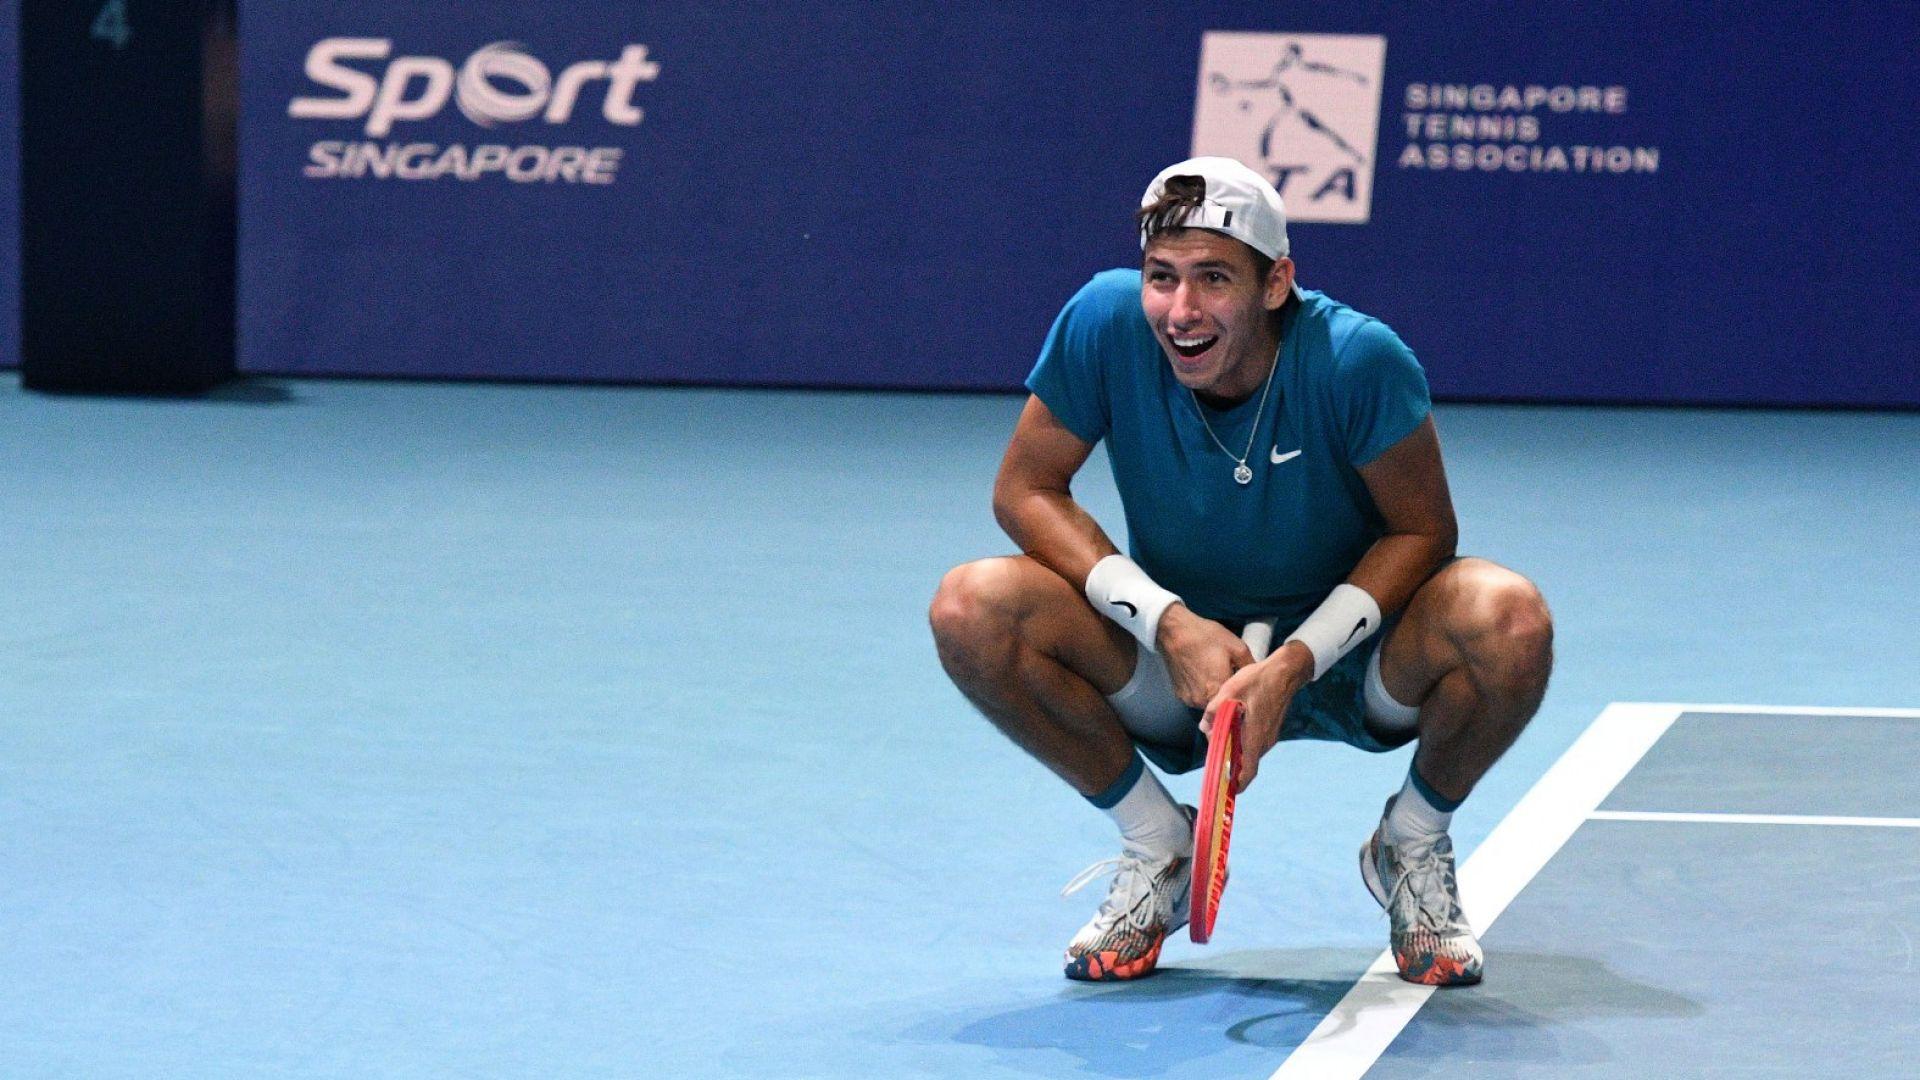 Австралиецът, който спря Адриан Андреев в Сингапур, спечели титлата